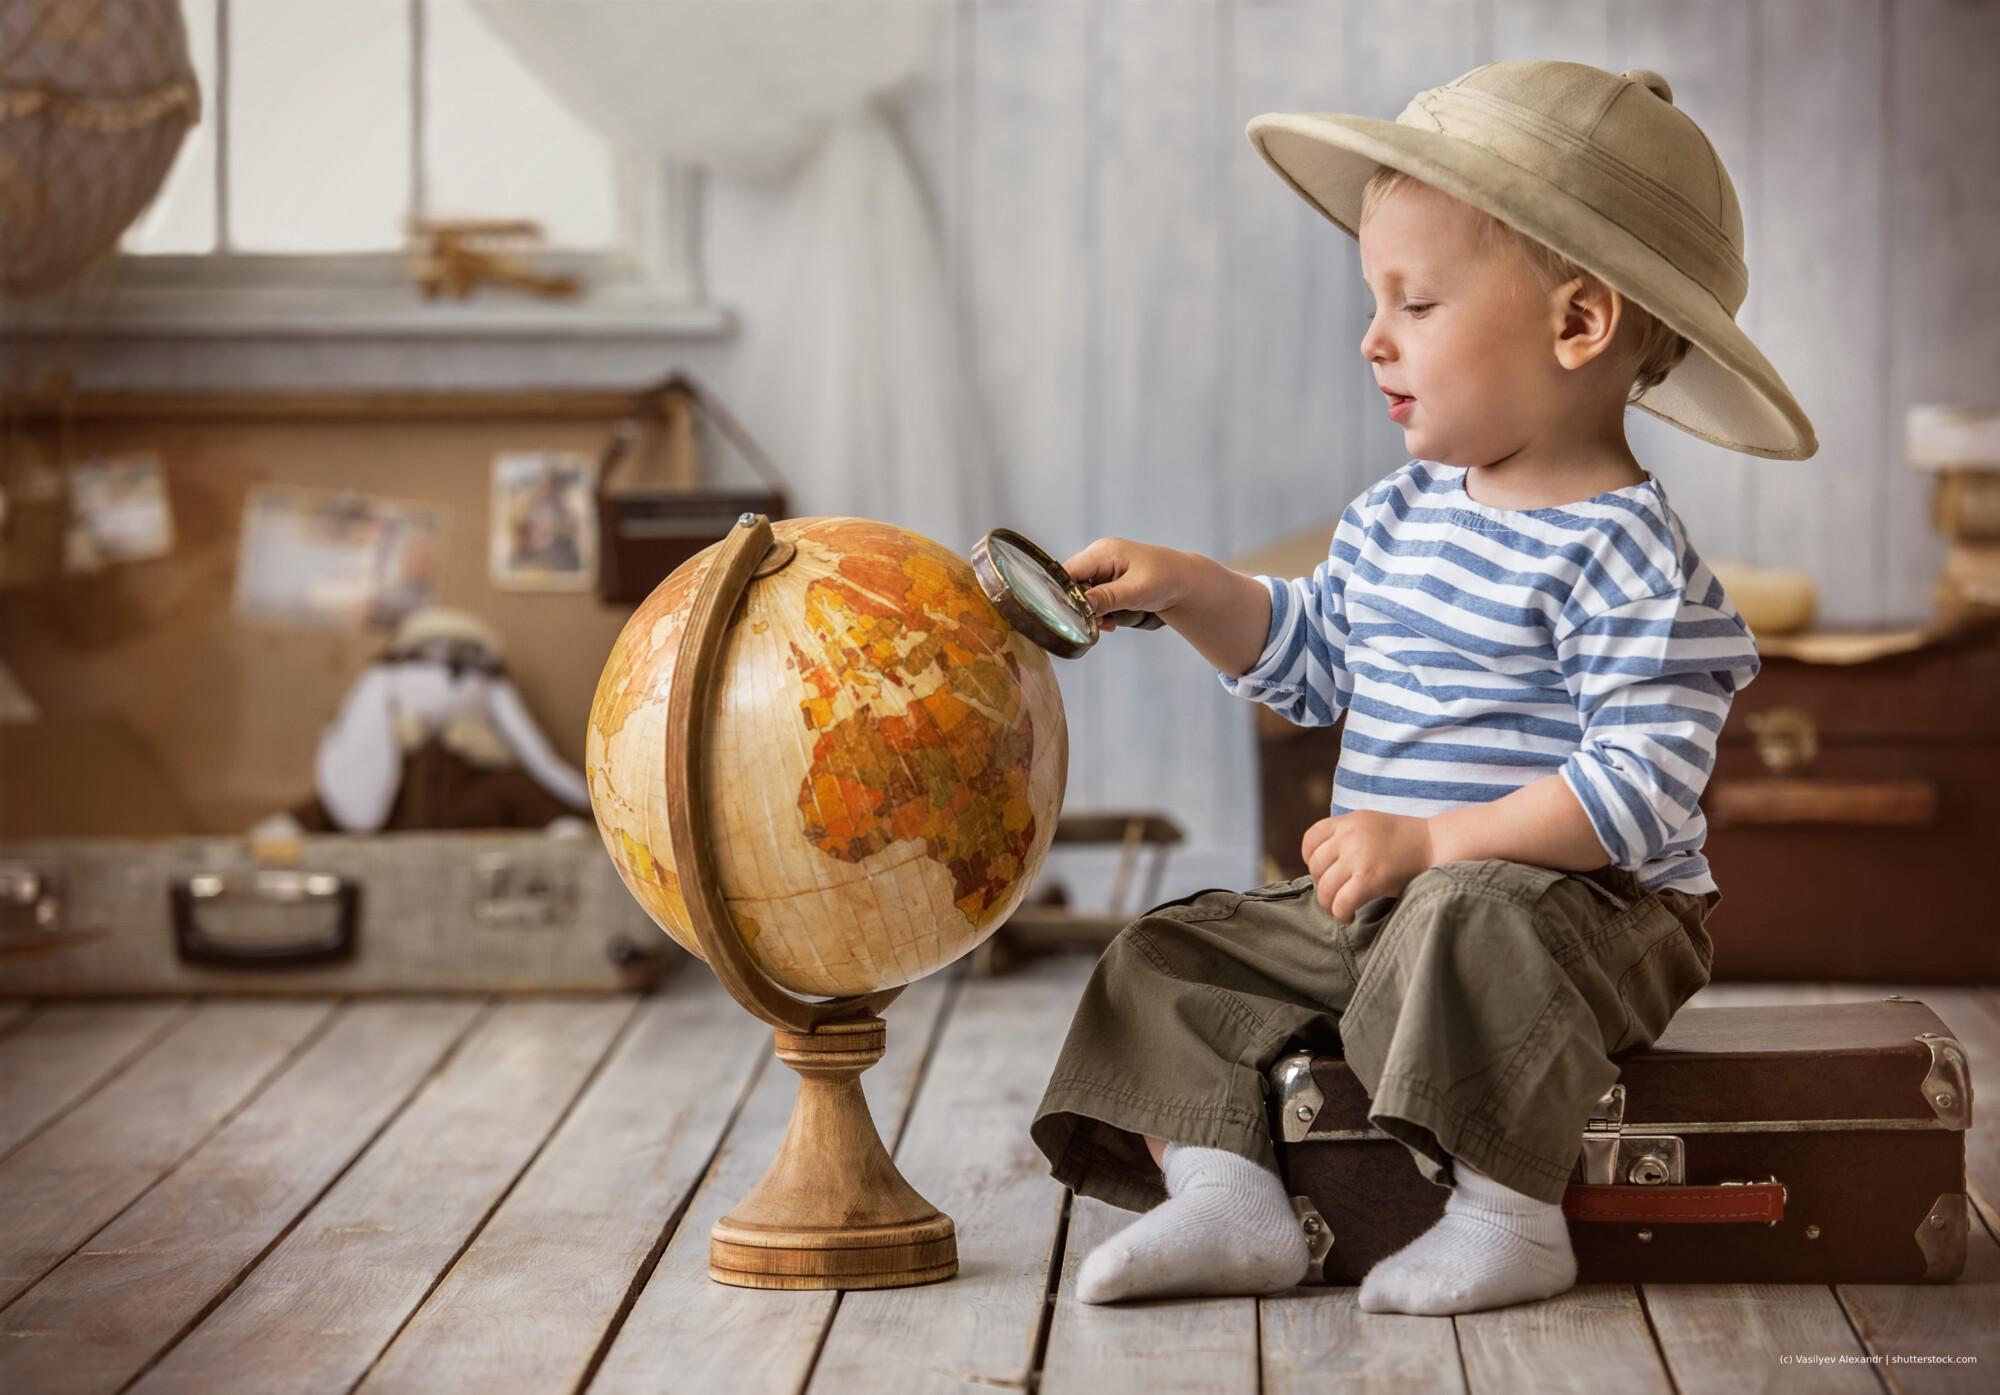 (c) Vasilyev Alexandr/Shutterstock.com